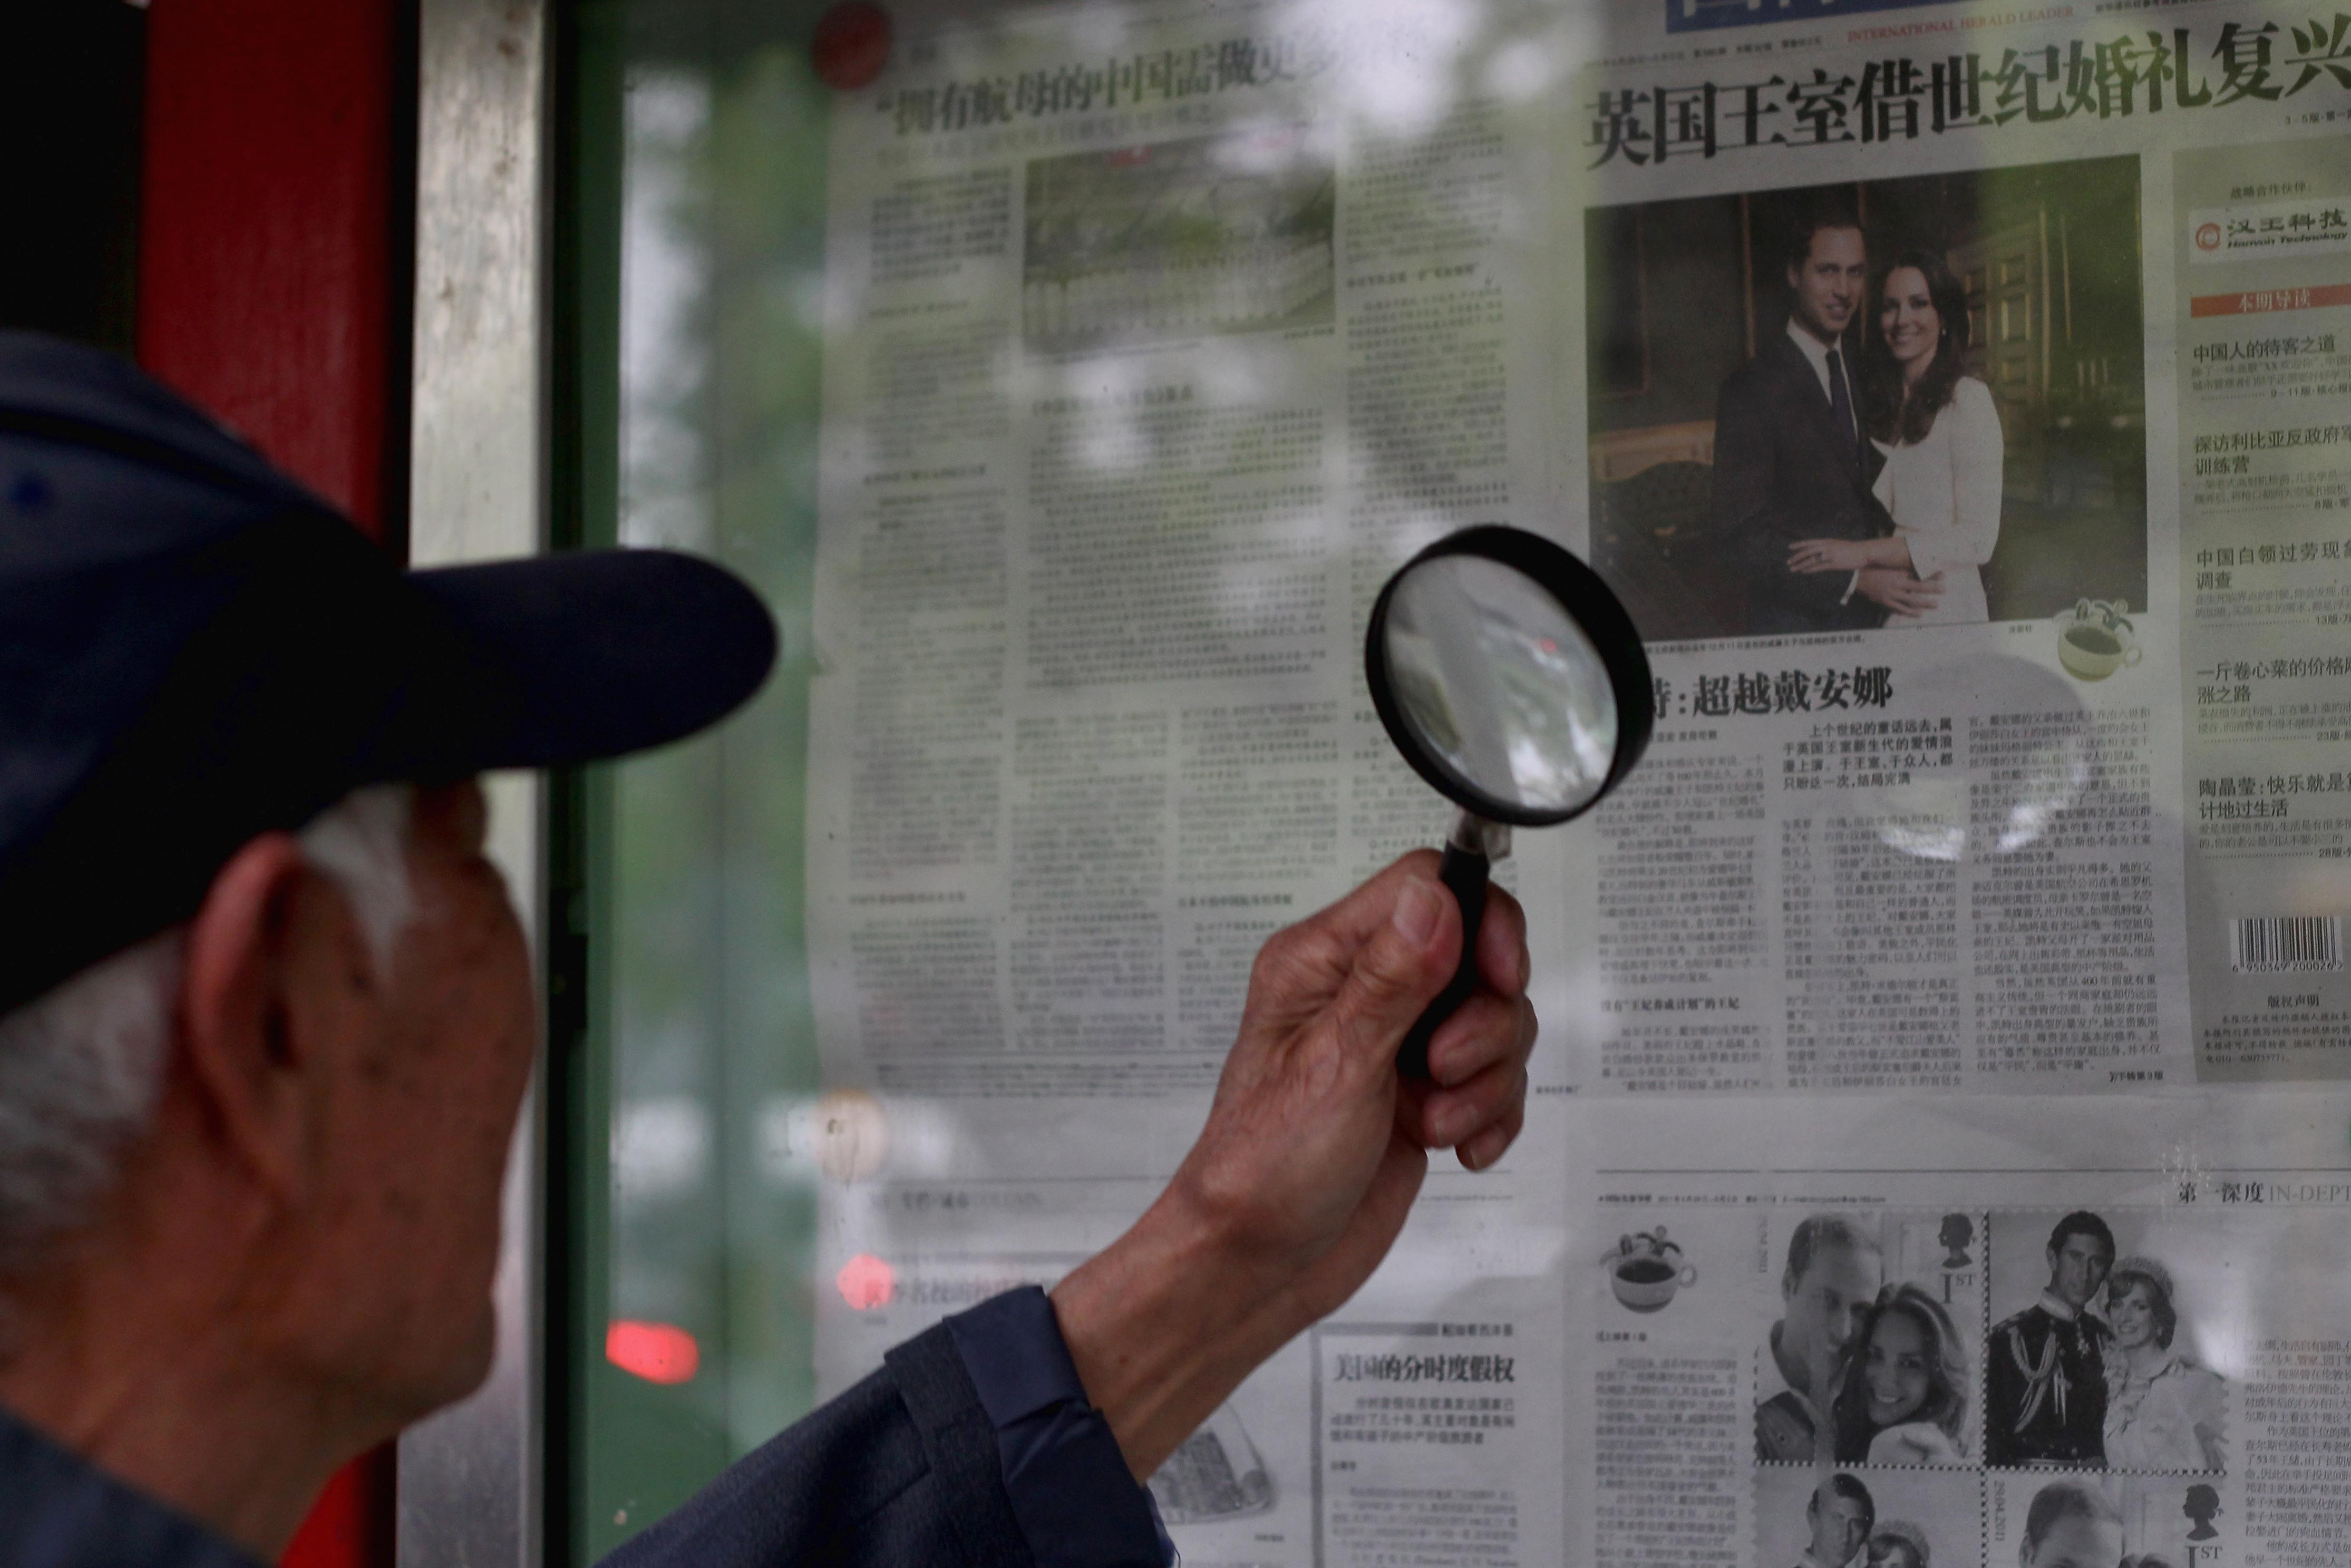 China: Sprachrohr der KPCh schweigt über Zhou Yongkang